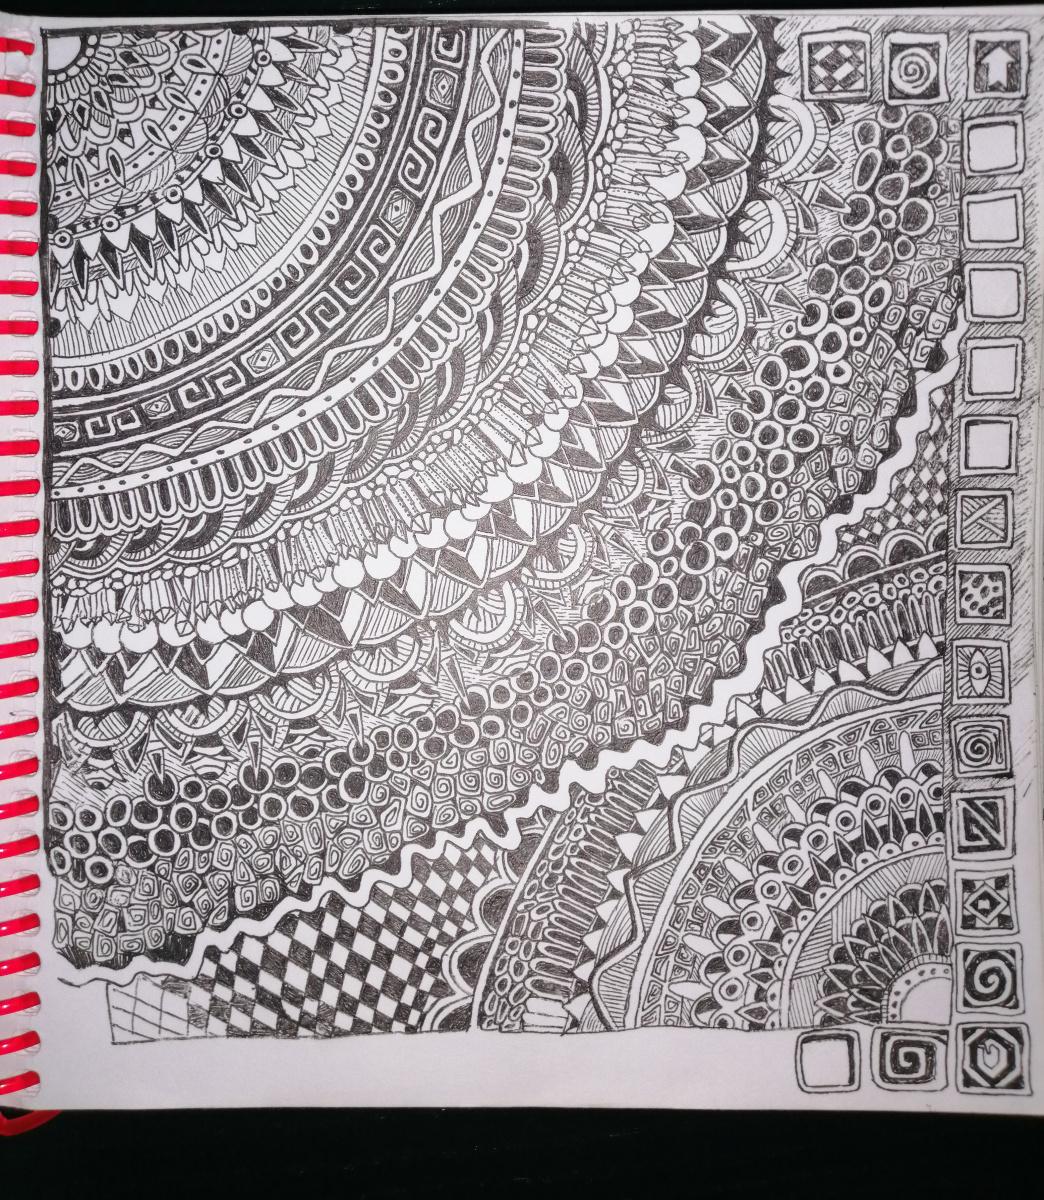 Aydar Daminov. Patterns